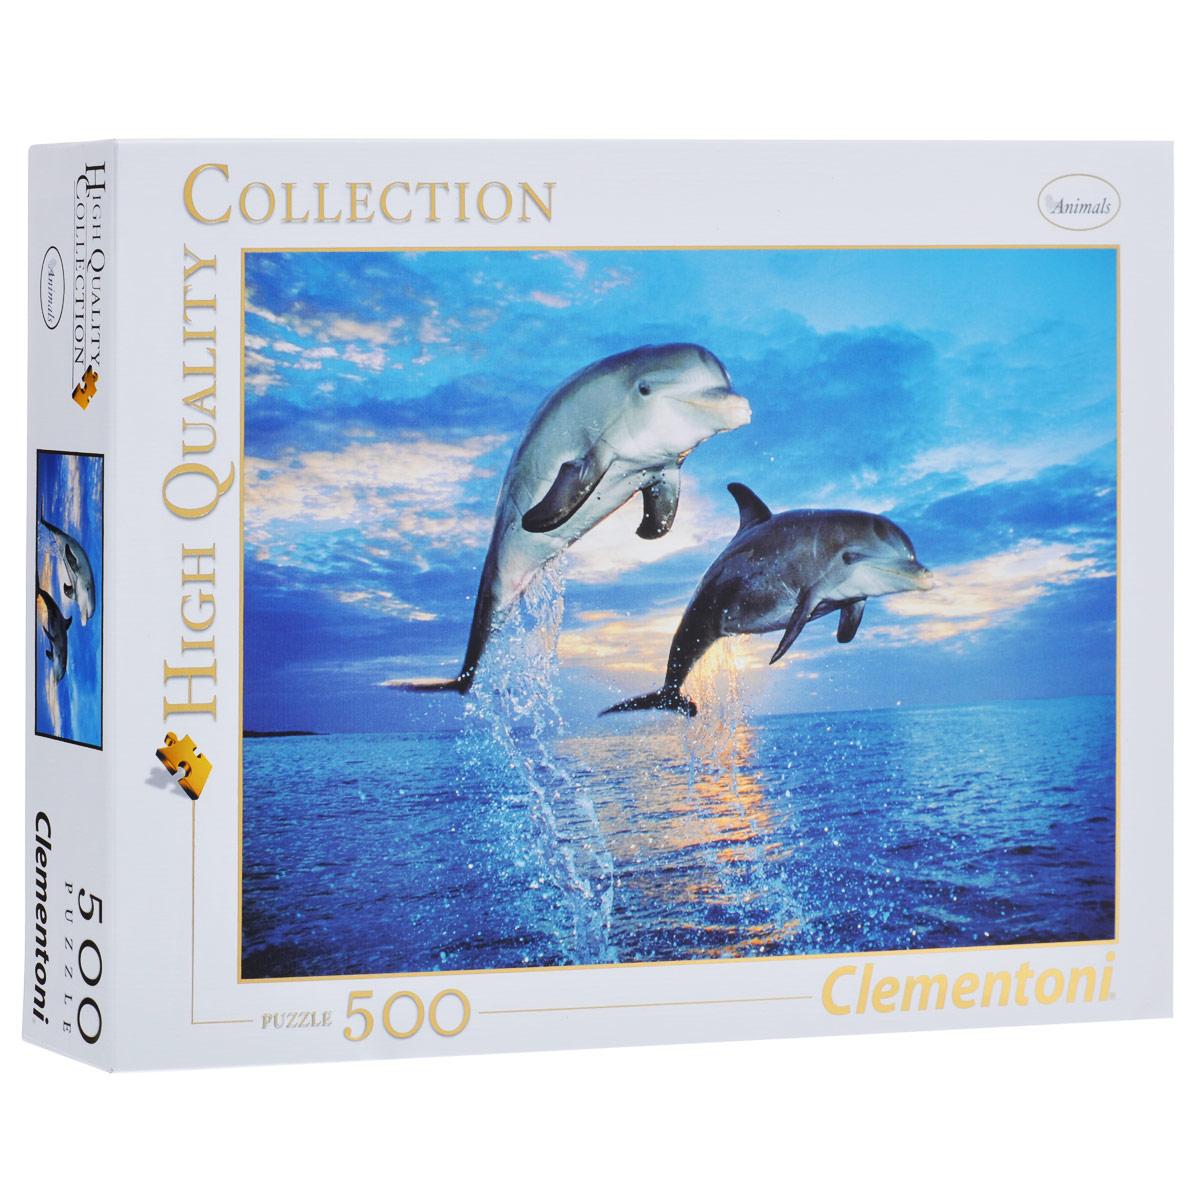 Два дельфина. Пазл, 500 элементов30139Пазл Два дельфина, без сомнения, придется вам по душе. Собрав этот пазл, включающий в себя 500 элементов, вы получите великолепную картину с изображением двух дельфинов в прыжке. Пазлы - прекрасное антистрессовое средство для взрослых и замечательная развивающая игра для детей. Собирание пазла развивает у ребенка мелкую моторику рук, тренирует наблюдательность, логическое мышление, знакомит с окружающим миром, с цветом и разнообразными формами, учит усидчивости и терпению, аккуратности и вниманию. Собирание пазла - прекрасное времяпрепровождение для всей семьи.